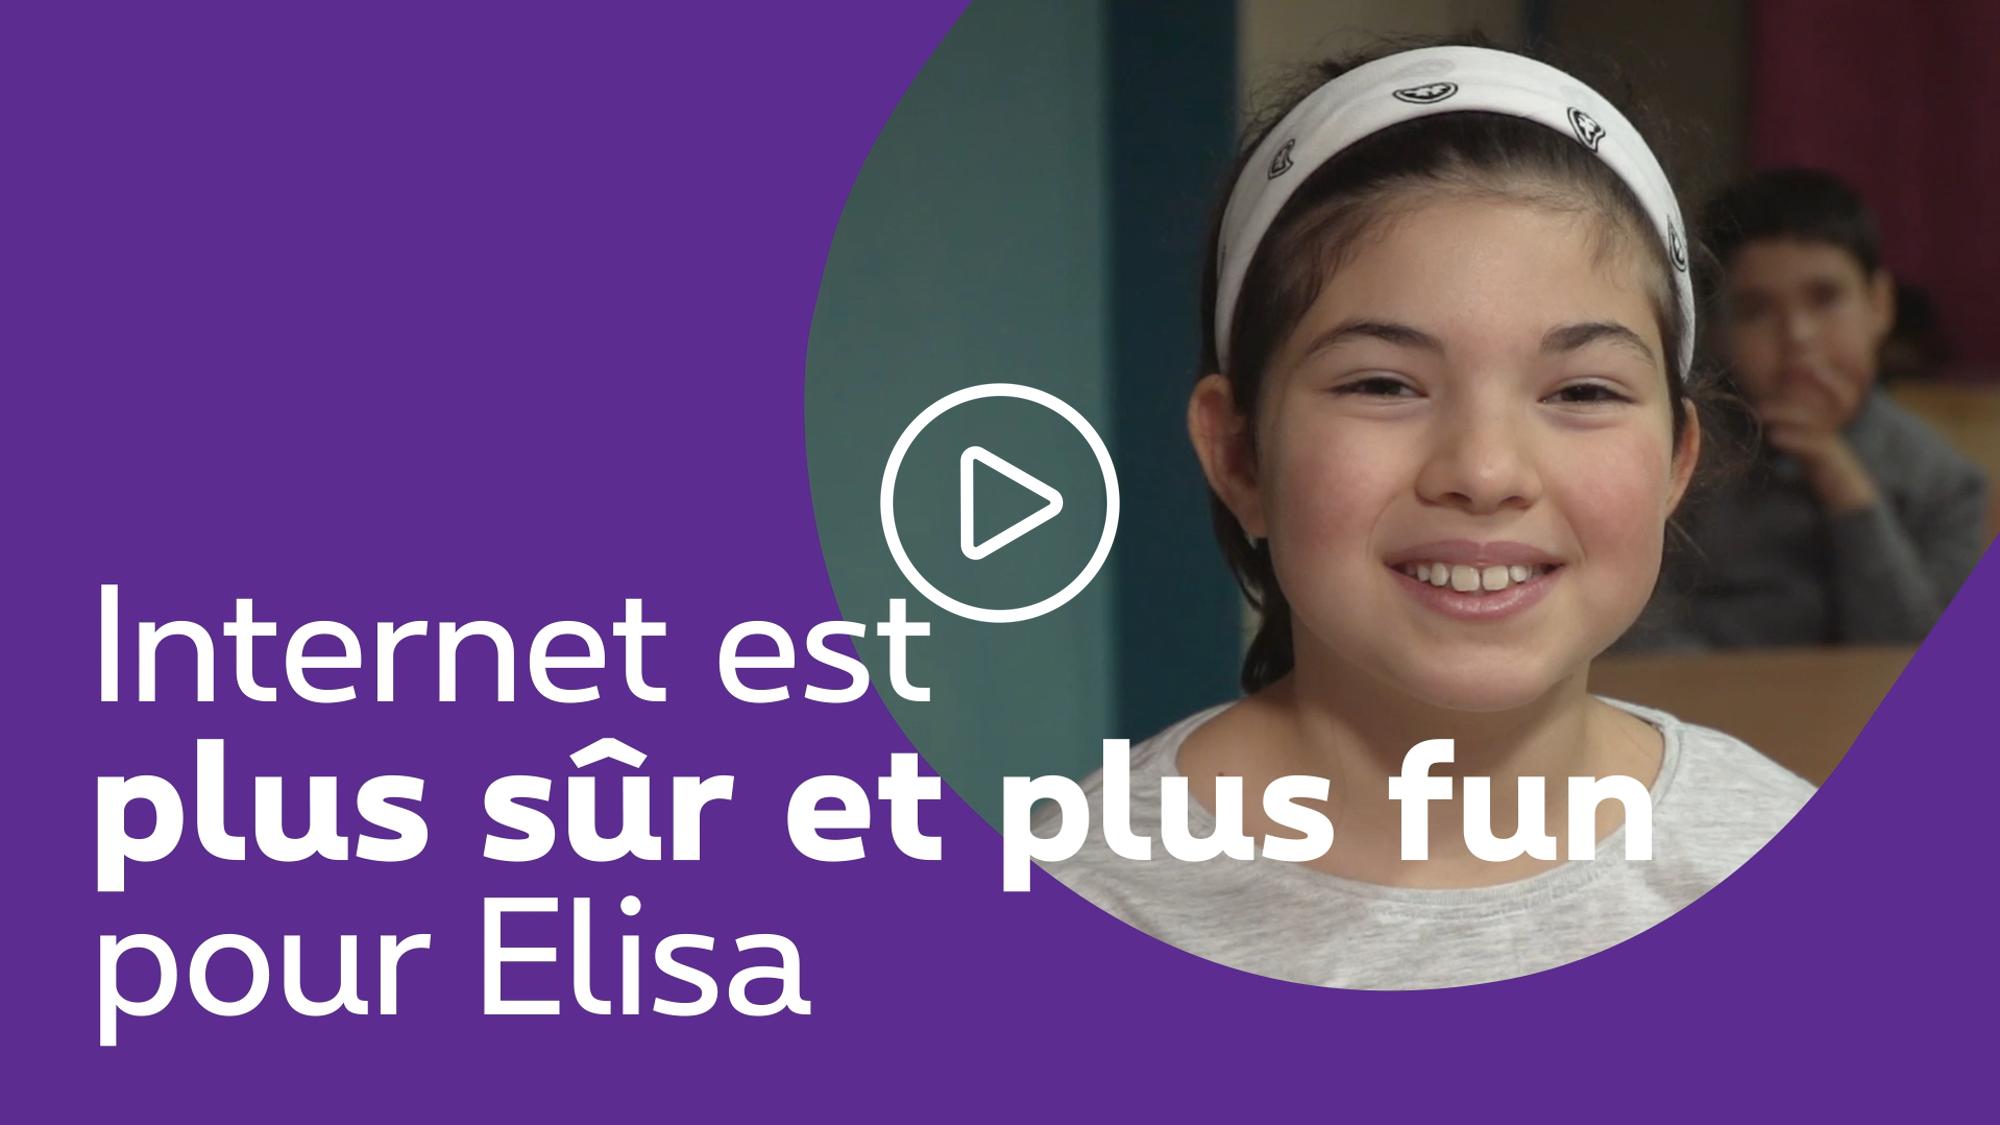 Internet est maintenant plus sûr et plus fun pour Elisa - clique pour découvrir la video